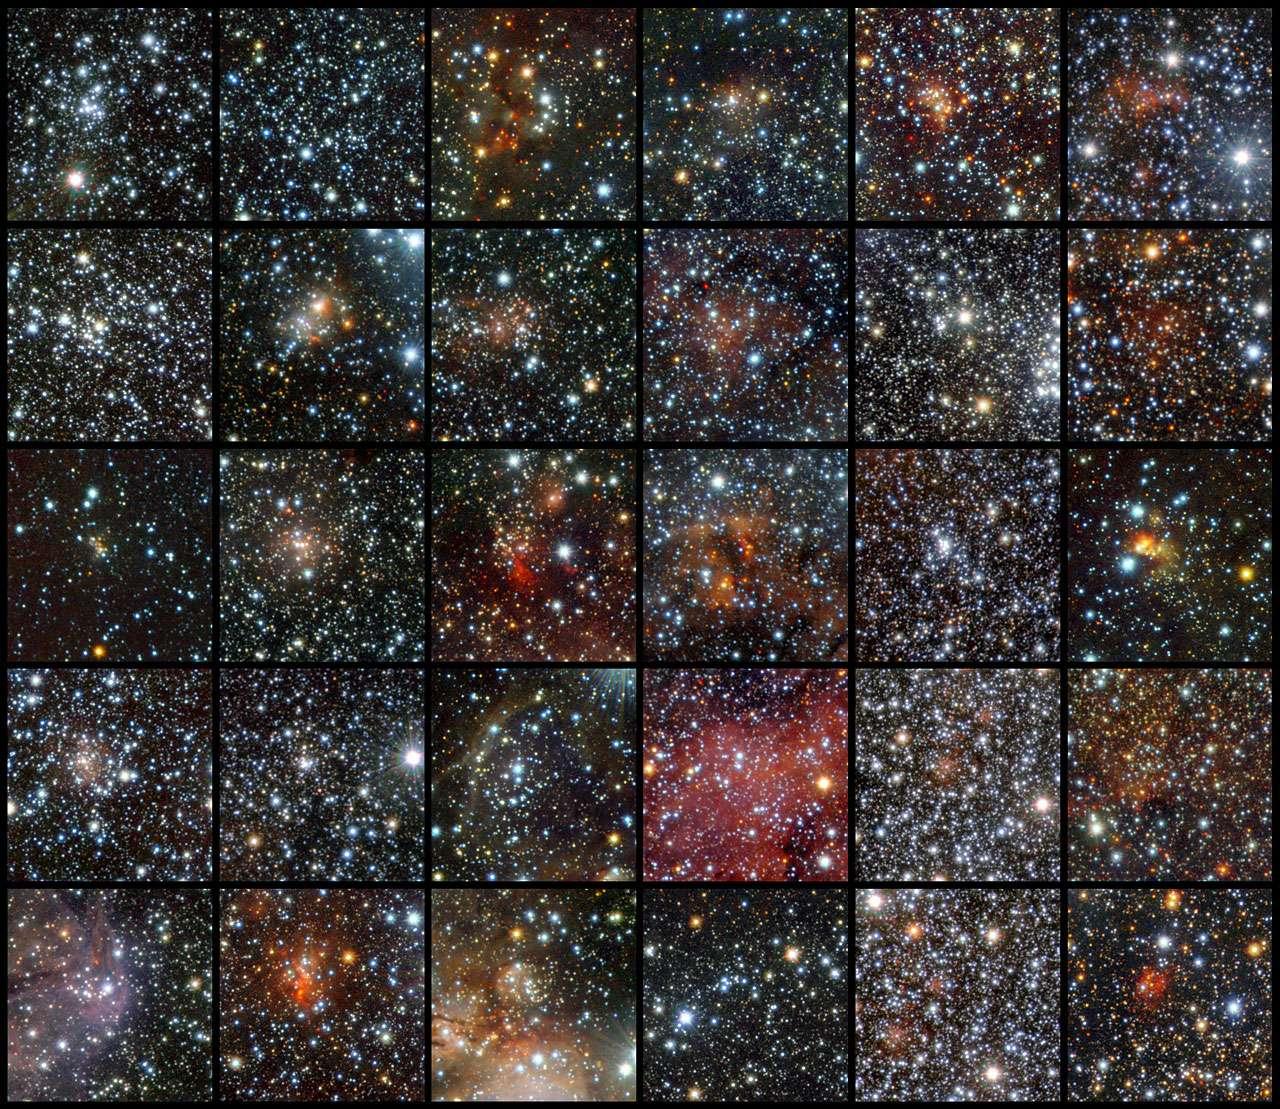 Mosaïque d'images représentant les amas d'étoiles découverts par le télescope Vista. © Eso/J. Borissova